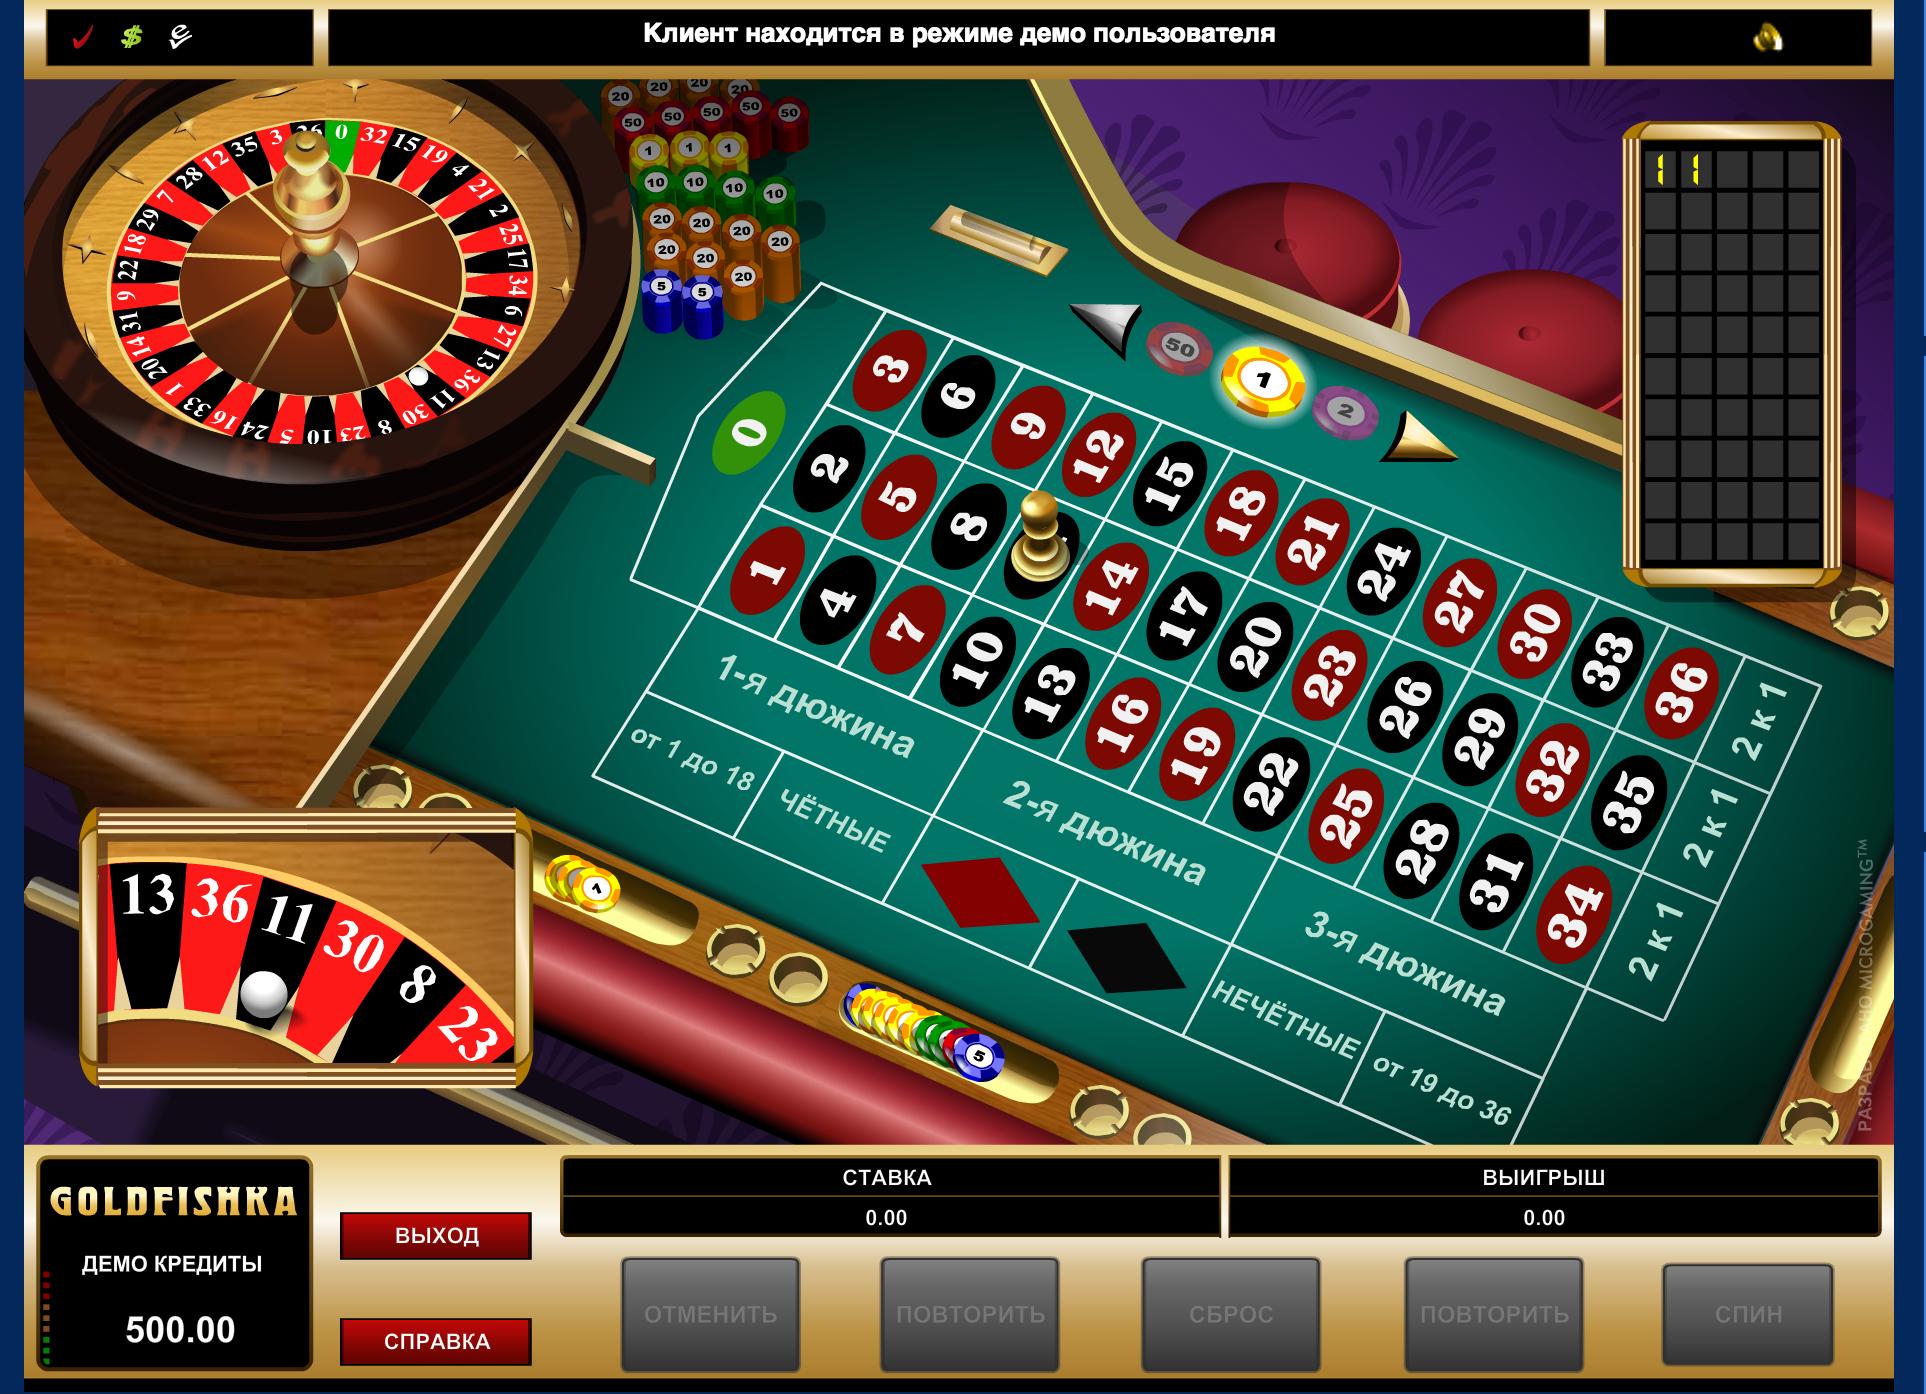 Азимут 777 игровые автоматы бонус за регистрацию официальный музей игровых автоматов москва кузнецкий мост